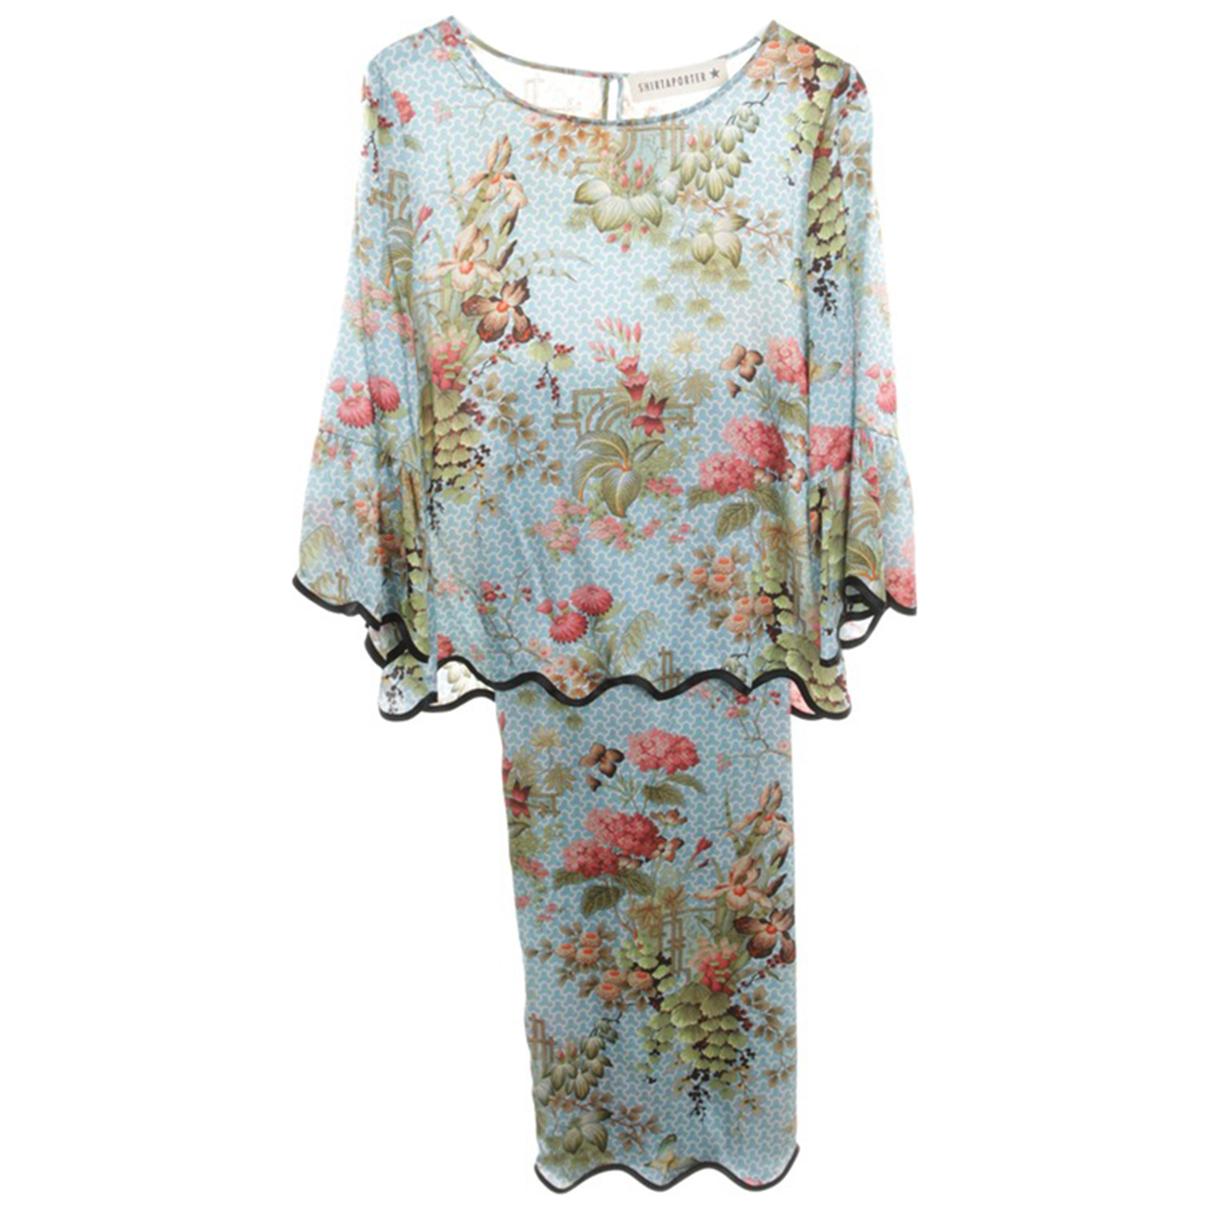 Shirtaporter \N Kleid in  Blau Seide